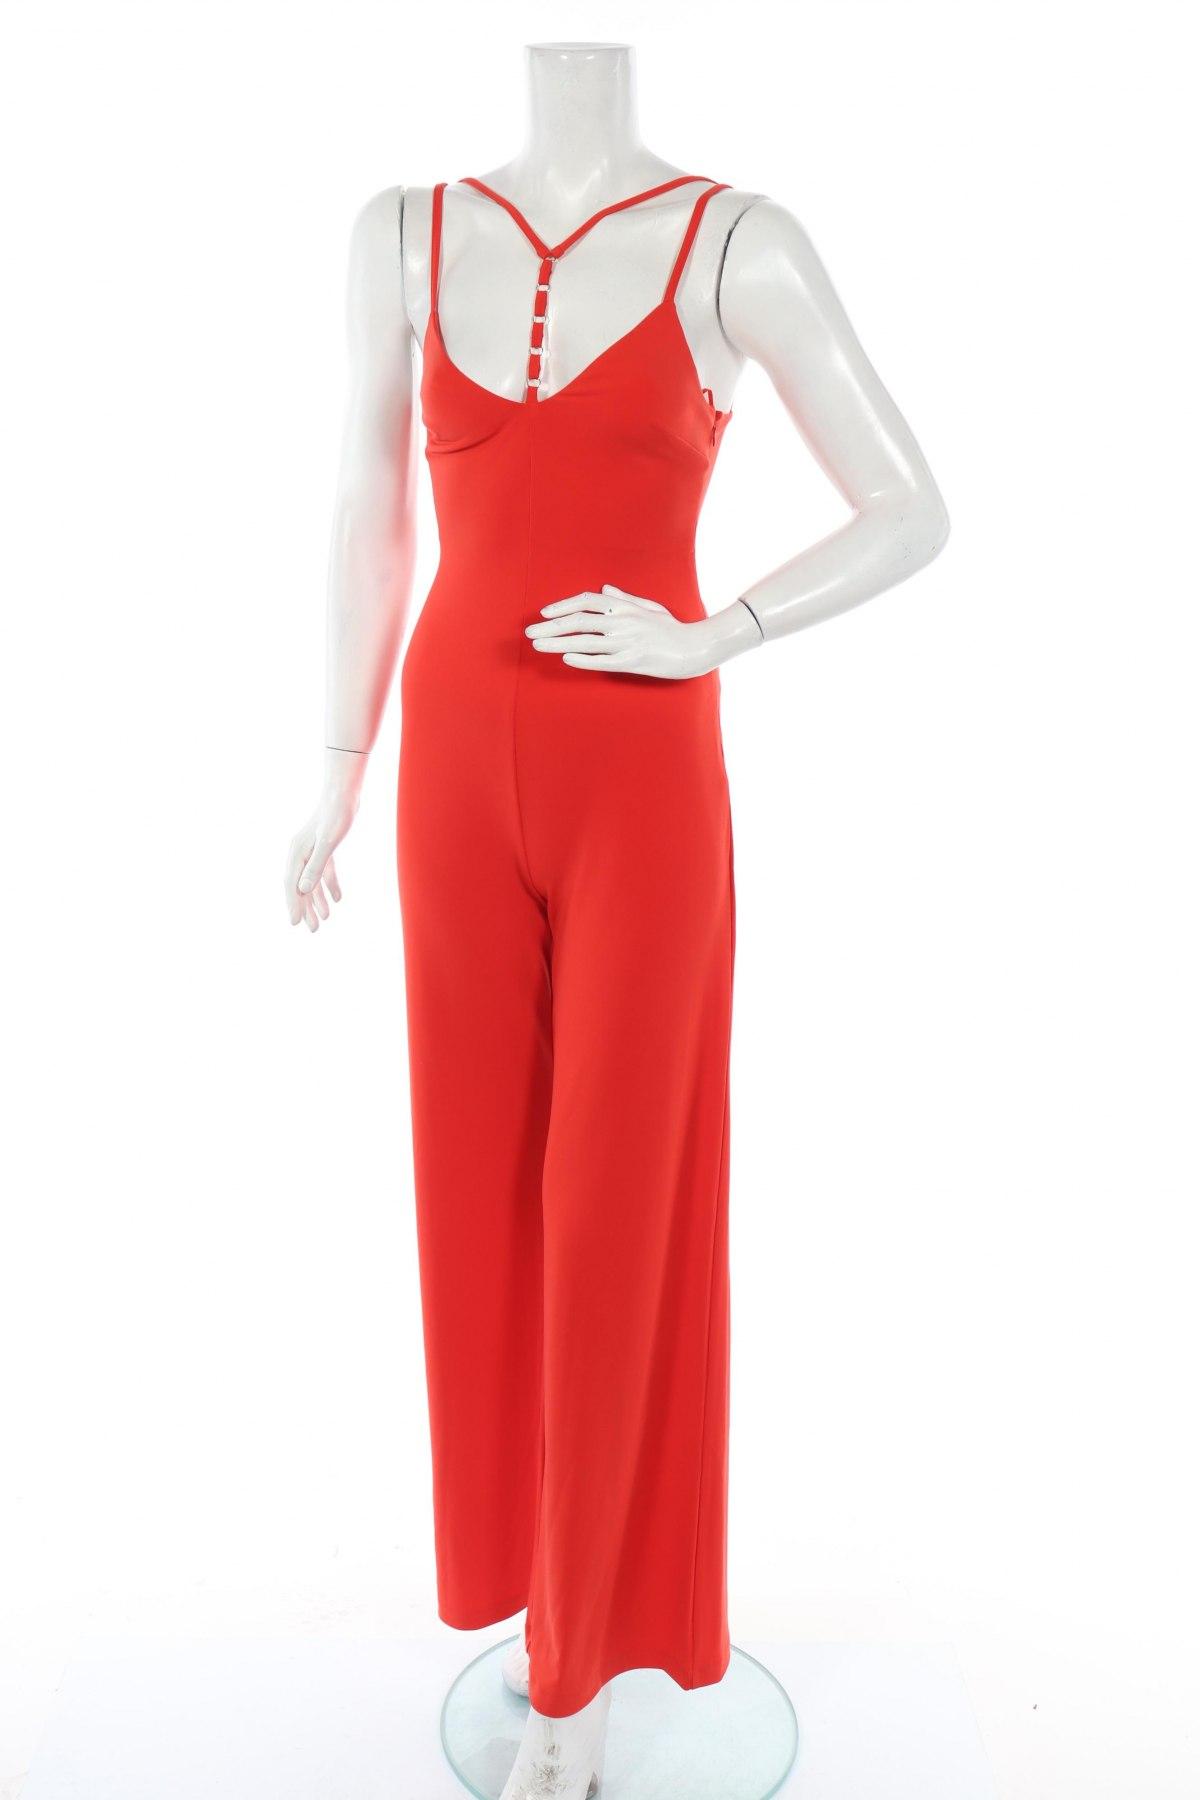 Γυναικεία σαλοπέτα Guess, Μέγεθος XS, Χρώμα Κόκκινο, 92% πολυεστέρας, 8% πολυουρεθάνης, Τιμή 43,56€